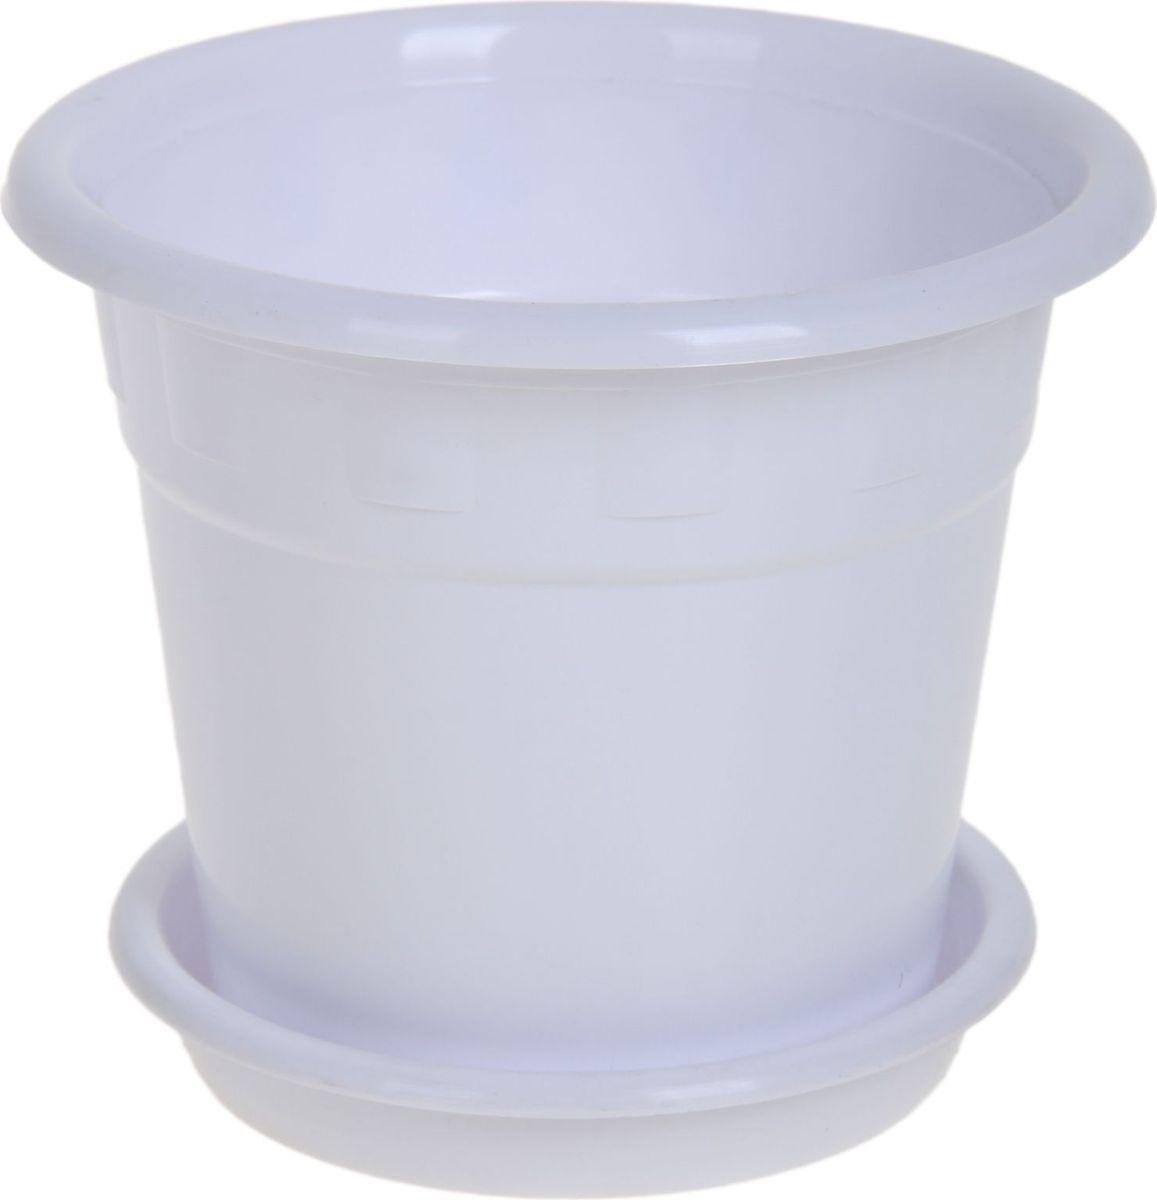 Горшок для цветов Пластик, с поддоном, цвет: белый, 4 л1178568Горшок для цветов Пластик обладает малым весом и высокой прочностью. С лёгкостью переносите горшки и кашпо с места на место, ставьте их на столики или полки, подвешивайте под потолок, не беспокоясь о нагрузке. Пластиковые изделия не нуждаются в специальных условиях хранения. Их легко чистить - достаточно просто сполоснуть тёплой водой.Пластиковые кашпо не царапают и не загрязняют поверхности, на которых стоят. Пластик дольше хранит влагу, а значит растение реже нуждается в поливе. Пластмасса не пропускает воздух, а значит, корневой системе растения не грозят резкие перепады температур.Соблюдая нехитрые правила ухода, вы можете заметно продлить срок службы горшков, вазонов и кашпо из пластика: - всегда учитывайте размер кроны и корневой системы растения (при разрастании большое растение способно повредить маленький горшок).- берегите изделие от воздействия прямых солнечных лучей, чтобы кашпо и горшки не выцветали.- держите кашпо и горшки из пластика подальше от нагревающихся поверхностей.Любой, даже самый современный и продуманный интерьер будет не завершённым без растений. Они не только очищают воздух и насыщают его кислородом, но и заметно украшают окружающее пространство. Такому полезному члену семьи просто необходимо красивое и функциональное кашпо, оригинальный горшок или необычная ваза!